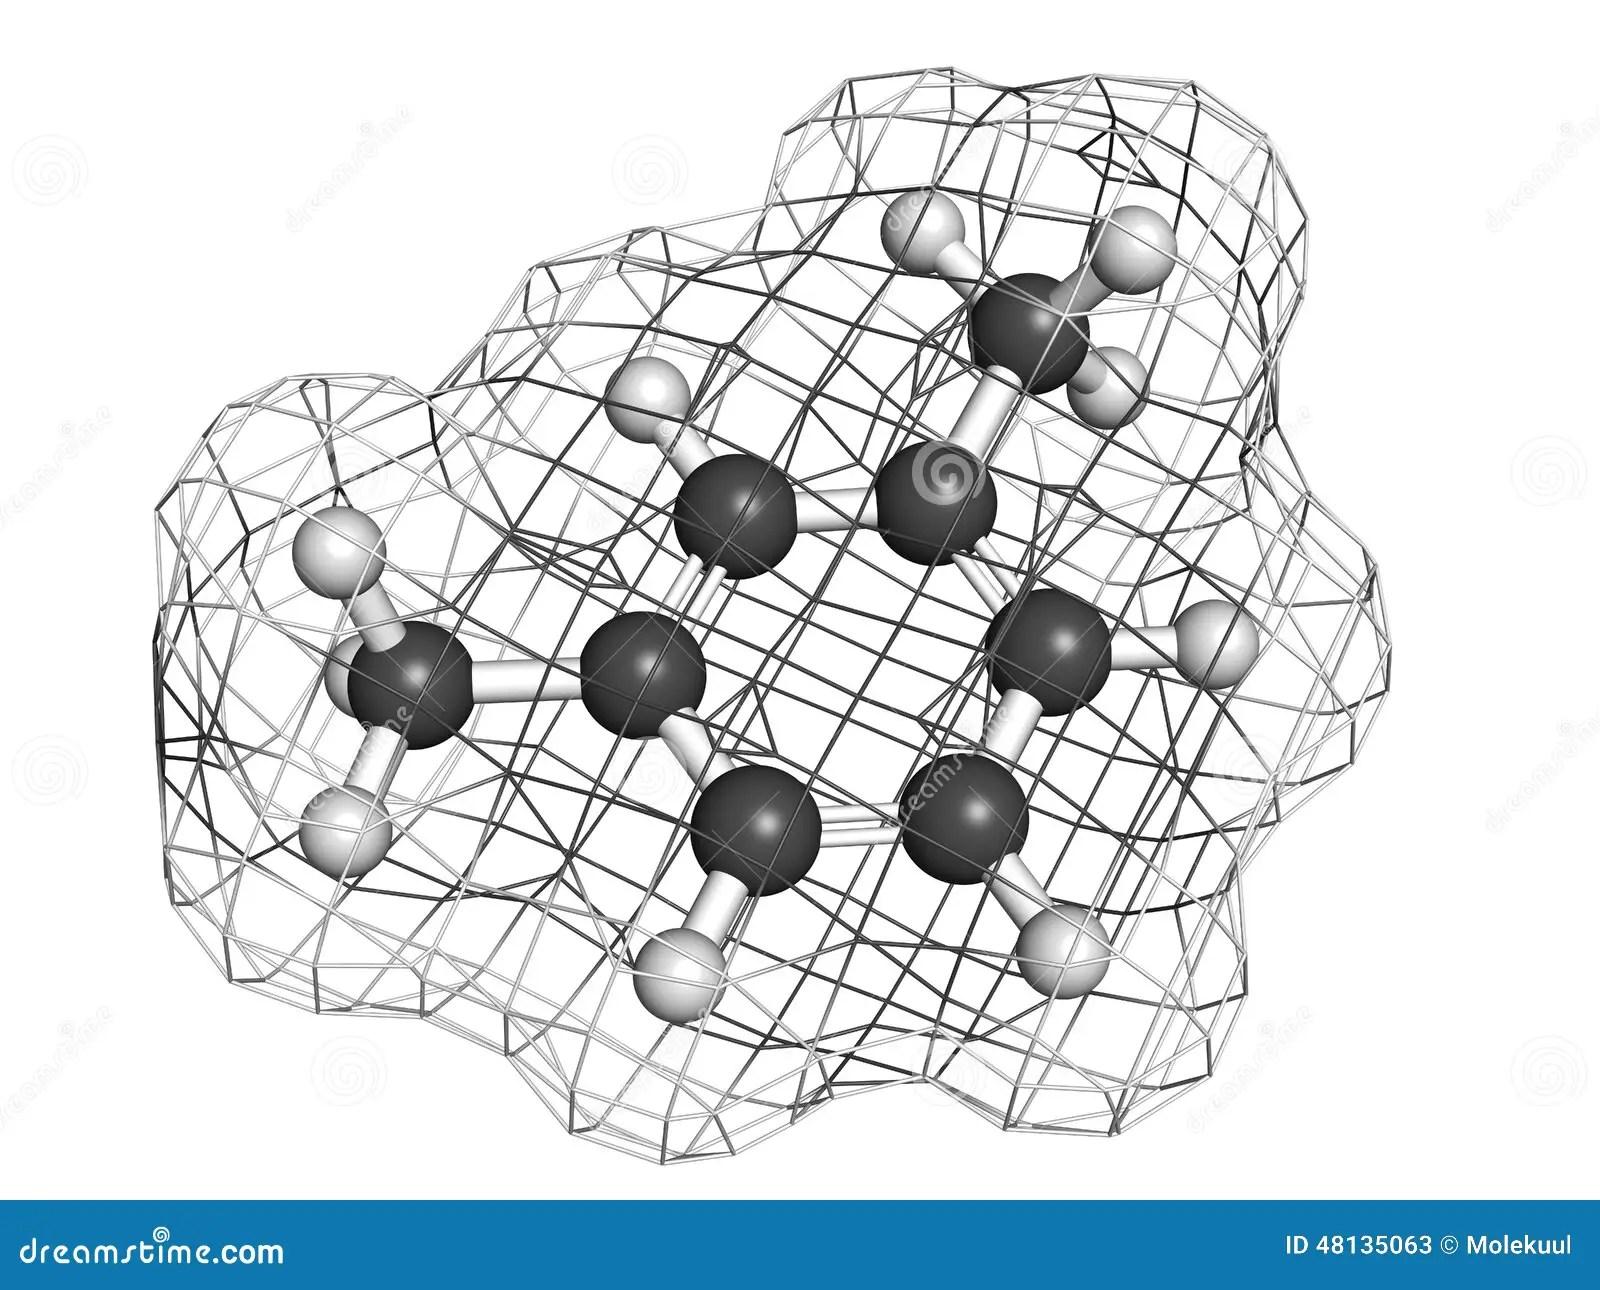 H2 Atom Diagram